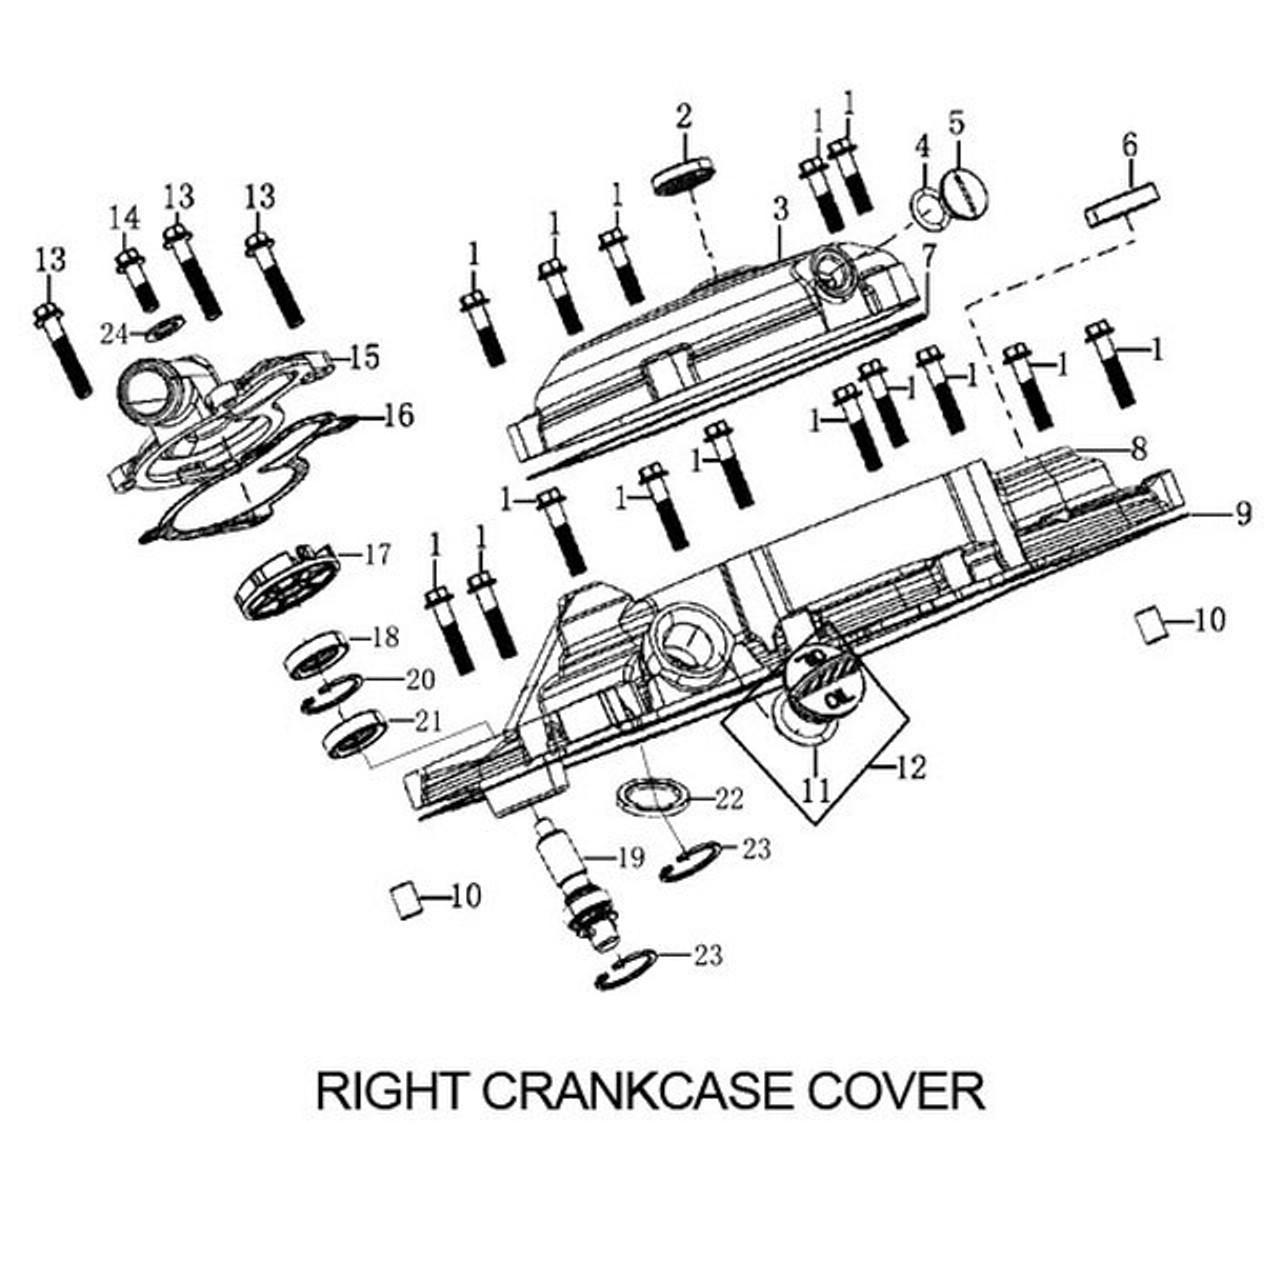 ENGINE CRANKCASE COVER, RIGHT